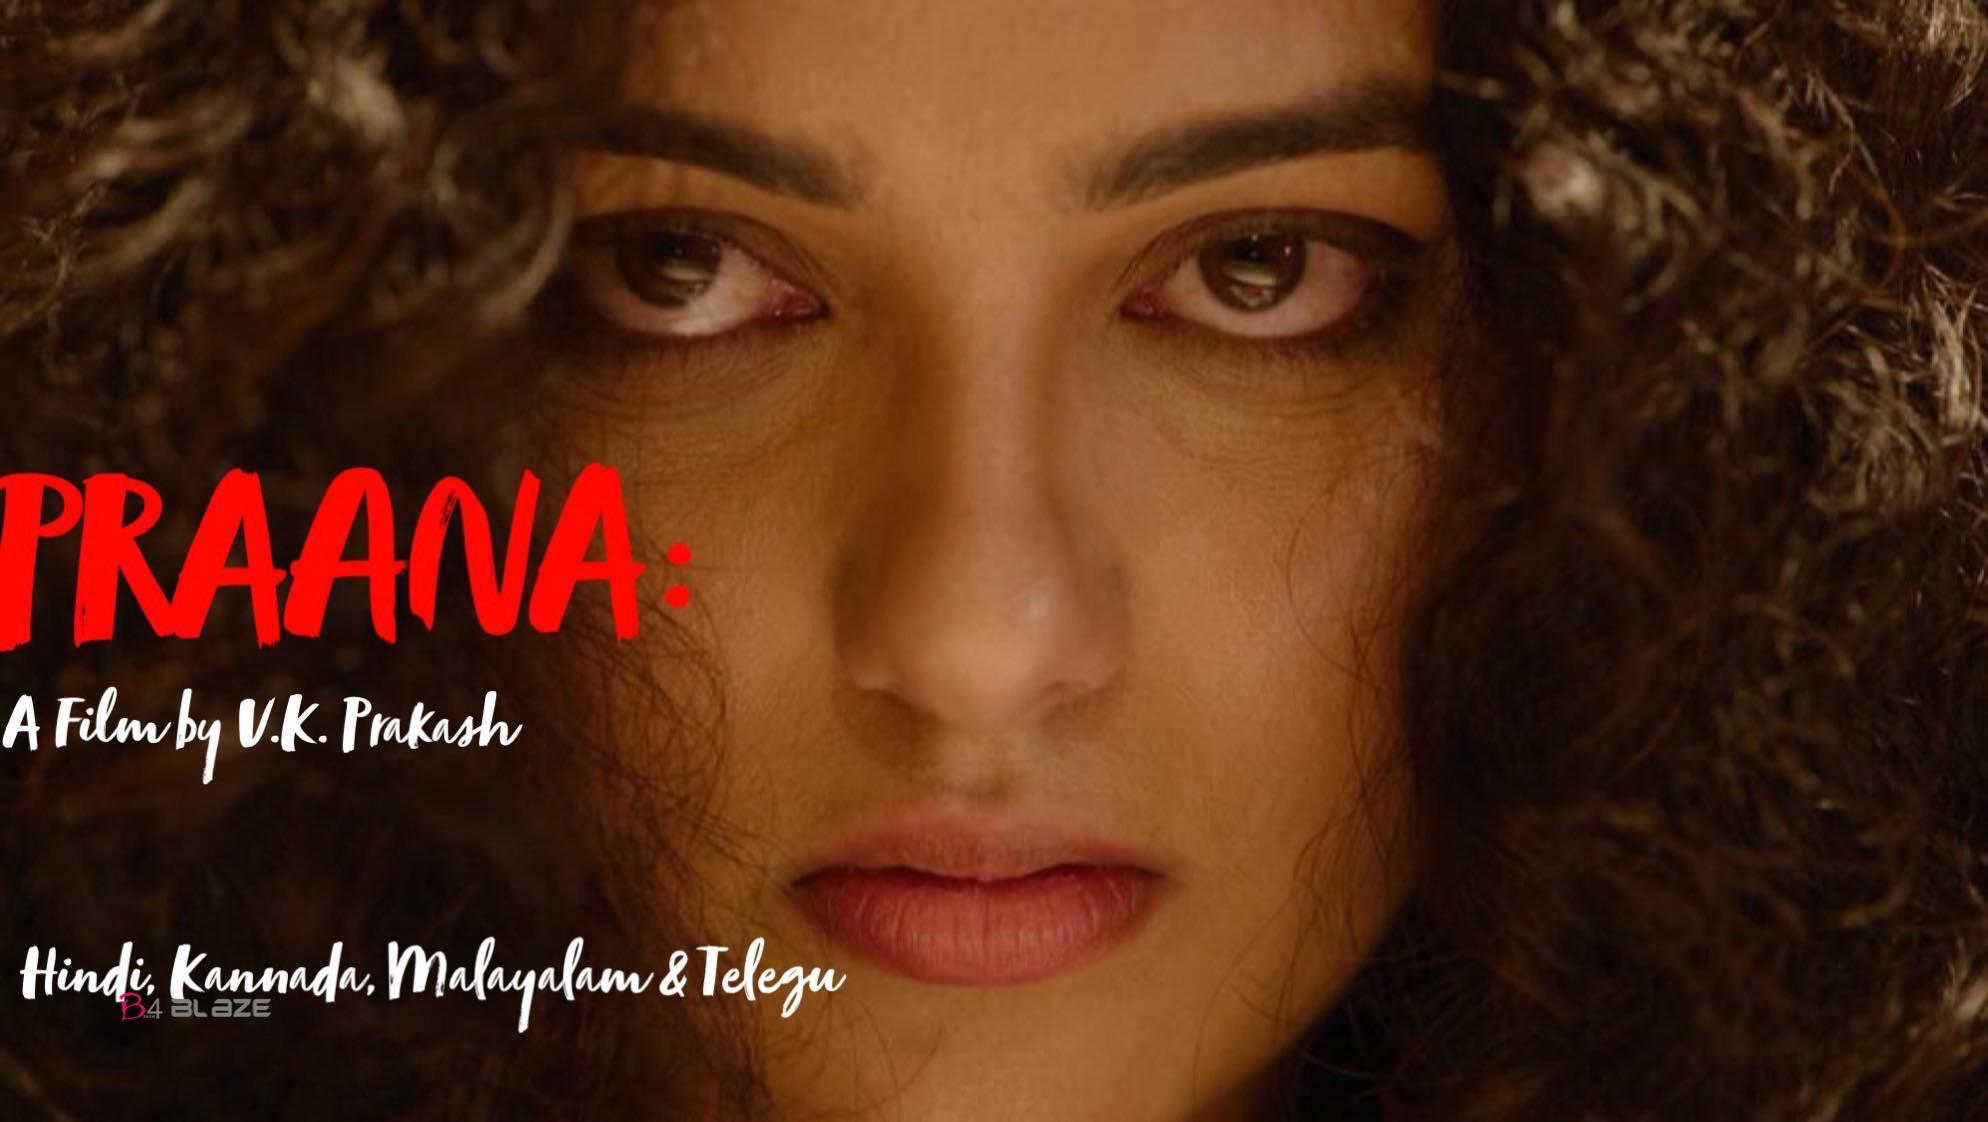 praana movie images (5)